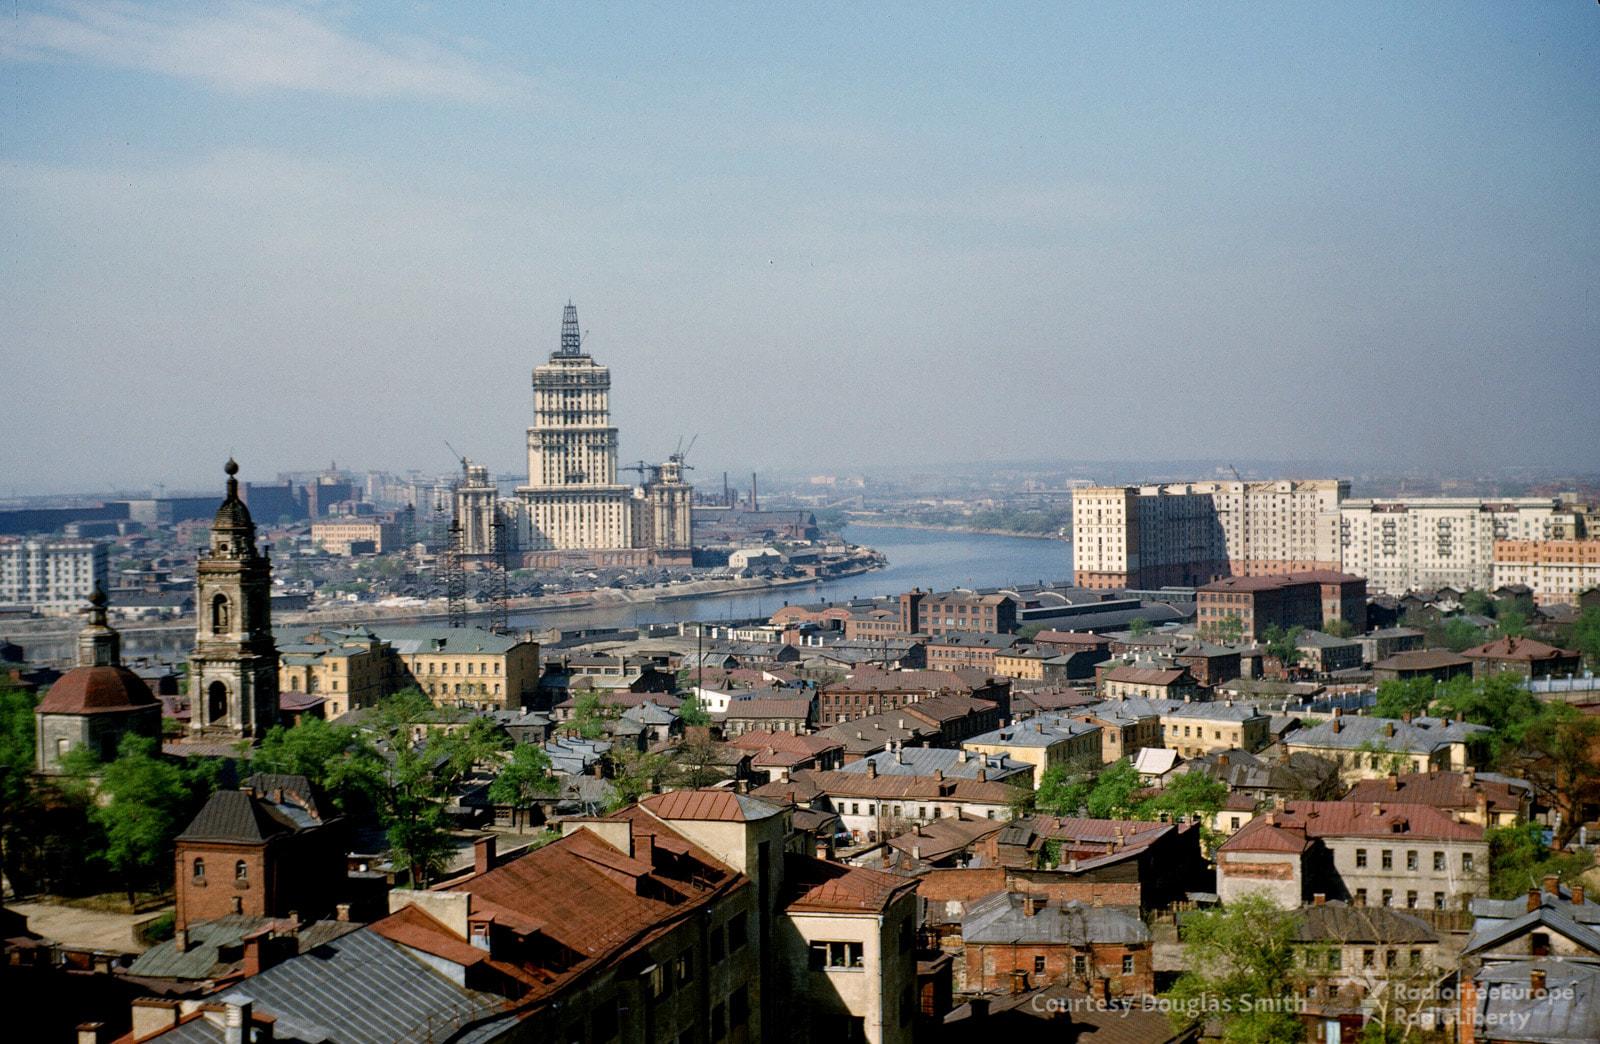 Строительство гостиницы «Украина». Вид скрыши американского посольства